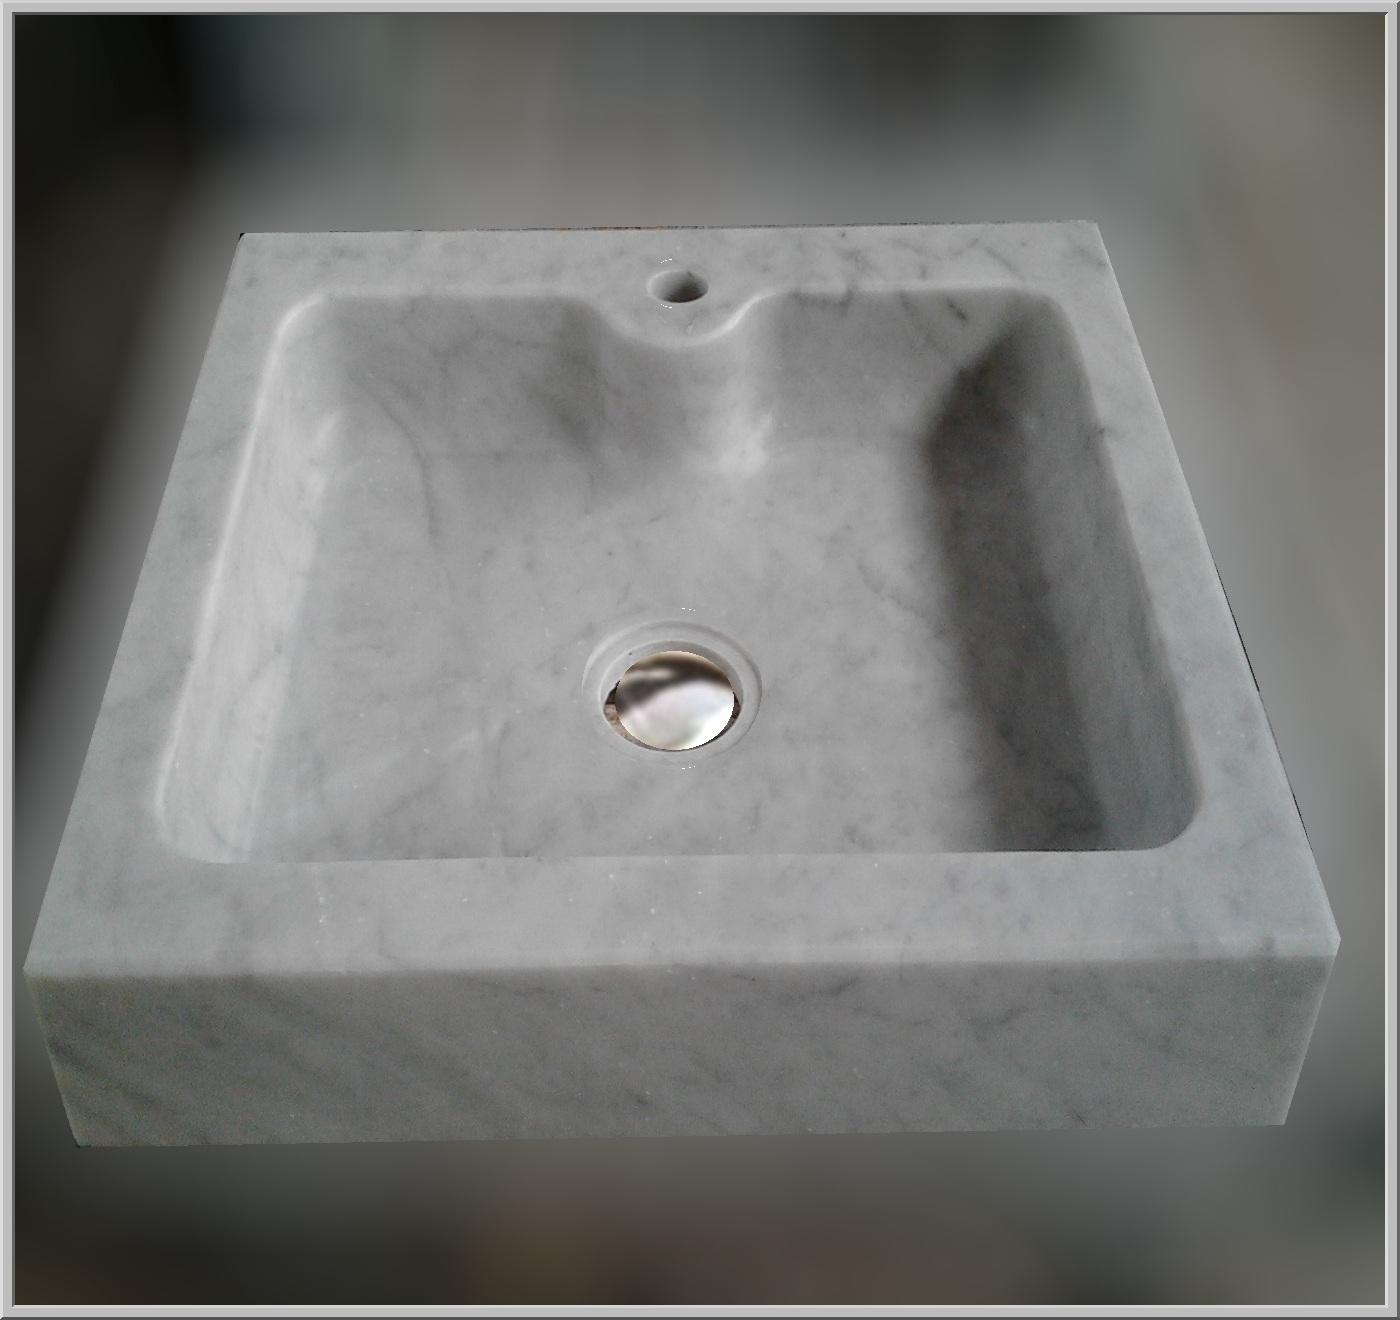 Lavandino da esterno tutte le offerte cascare a fagiolo - Lavandini x cucina ...